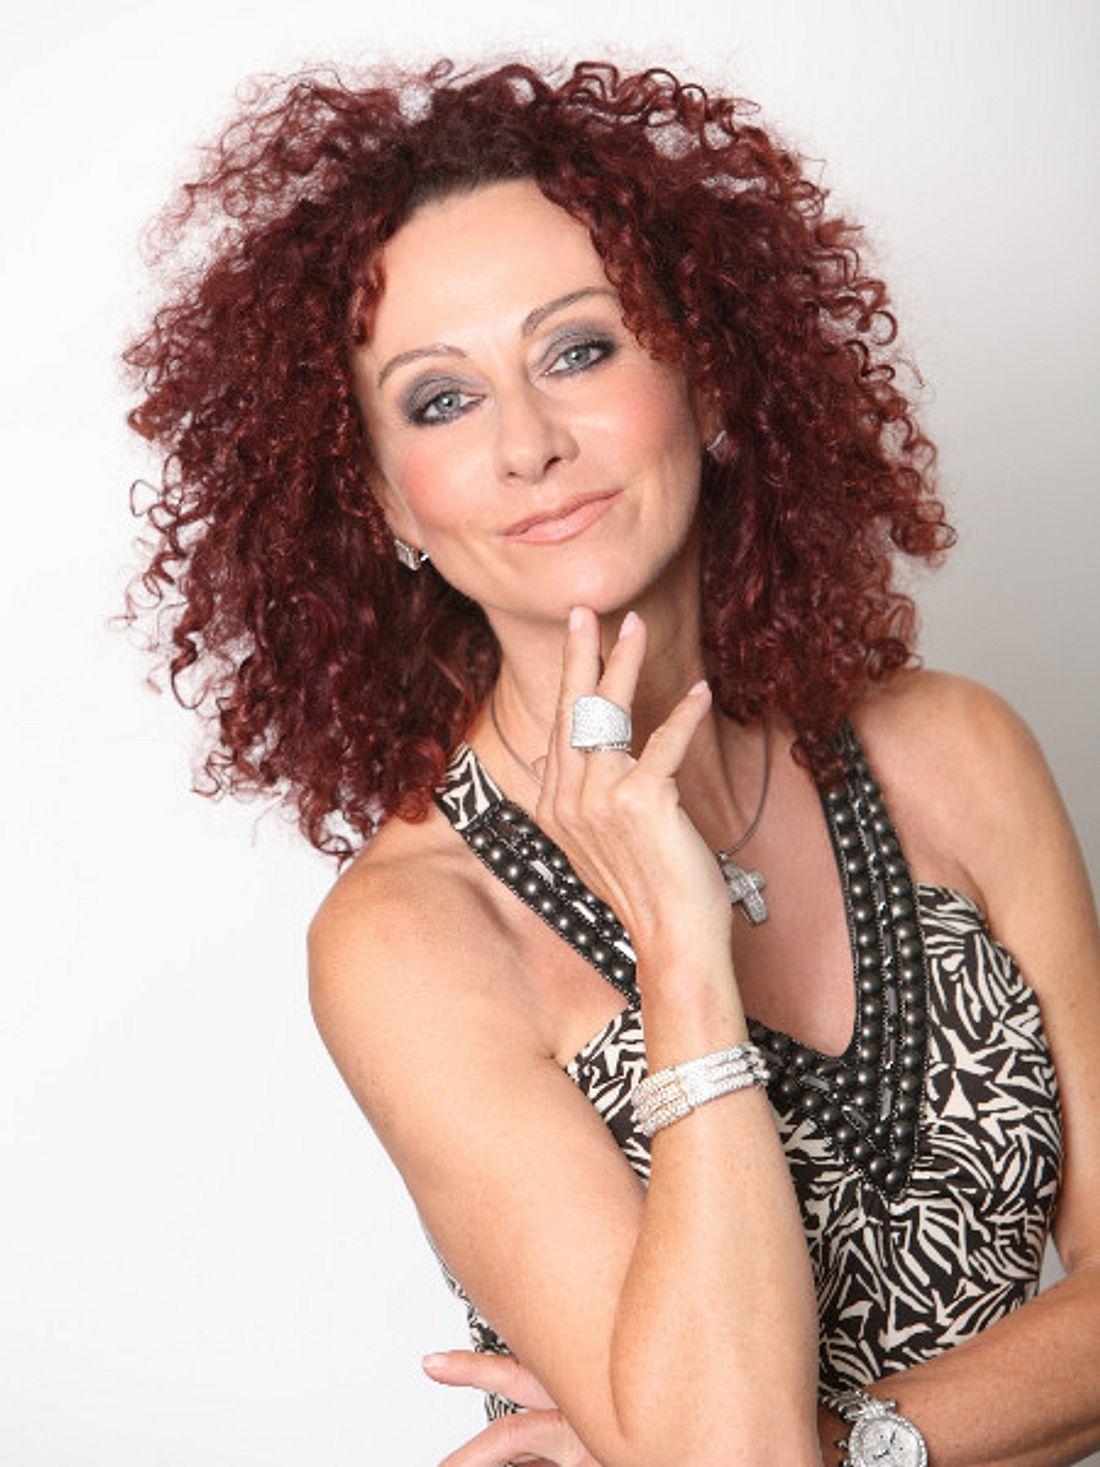 Christina Lugner in Läster-Laune